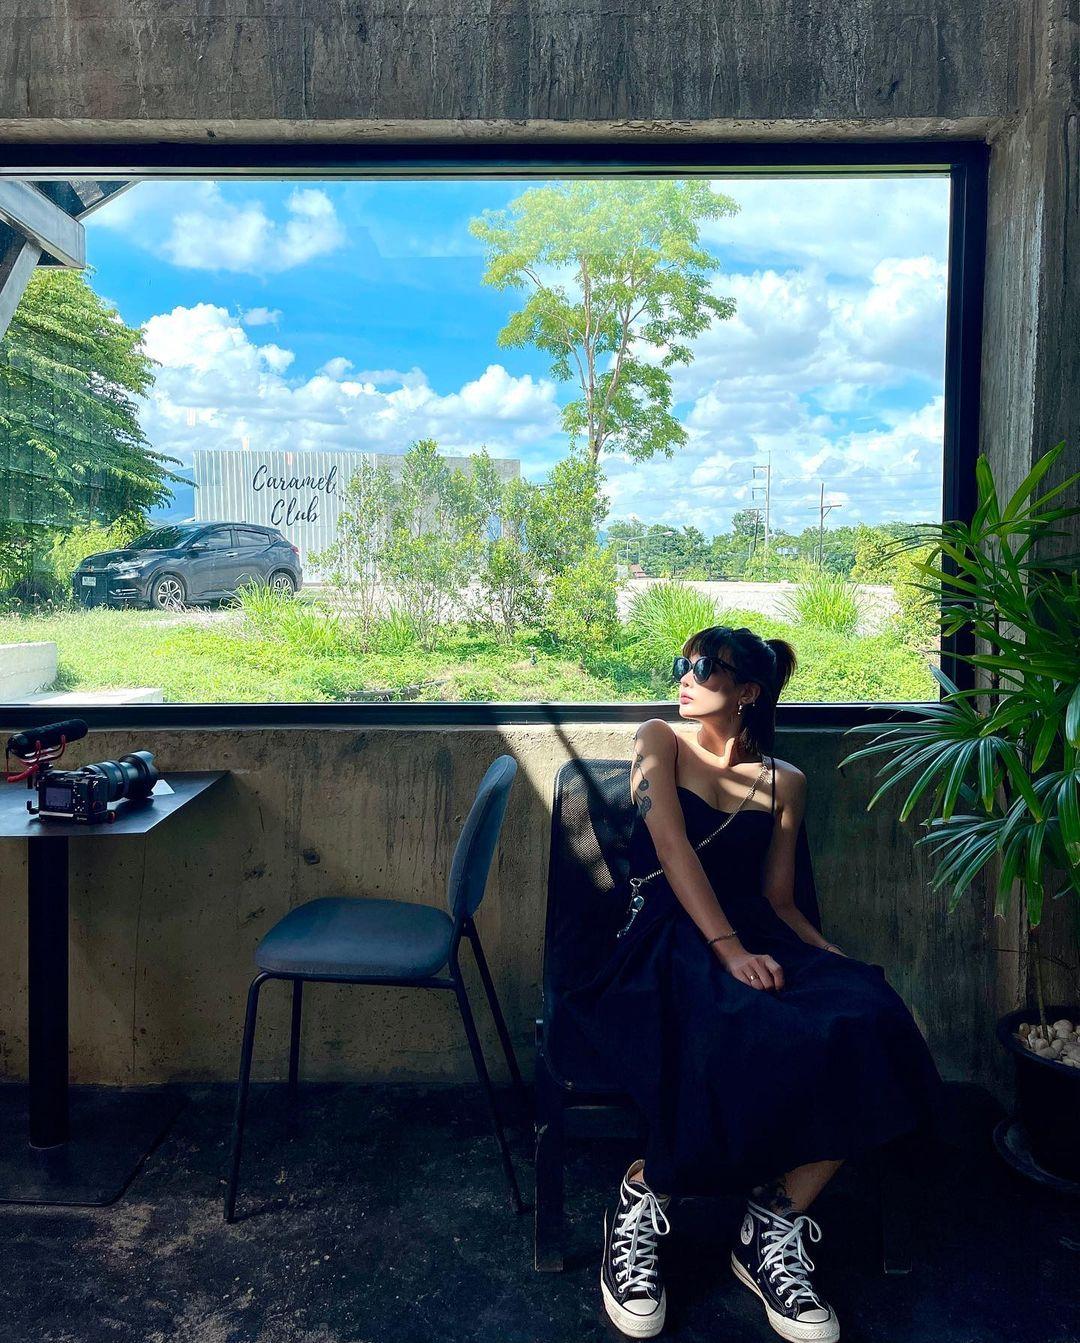 Bên trong quán có nhiều góc chụp đẹp. Ảnh: Instagram Kimico_pp